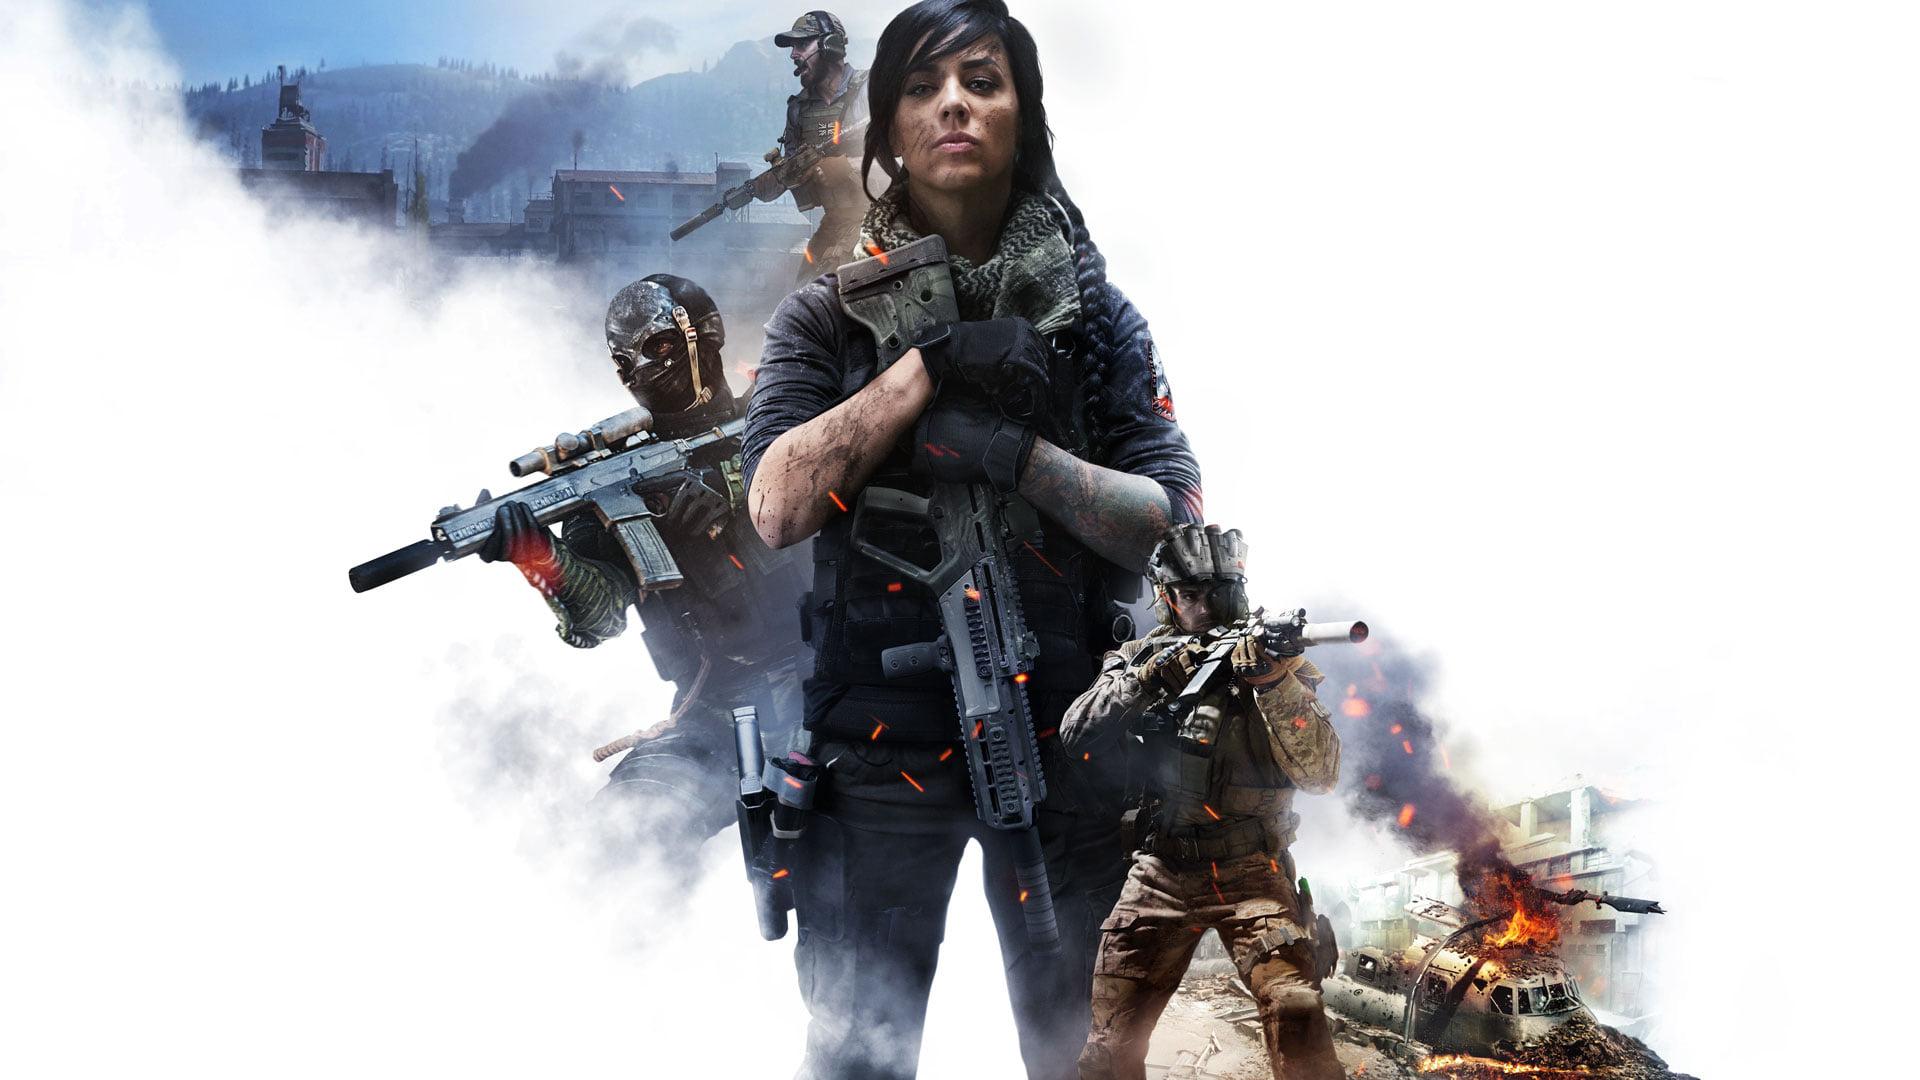 Wallpaper : Call of Duty, mara, gun, rifles, m4 carbine ...